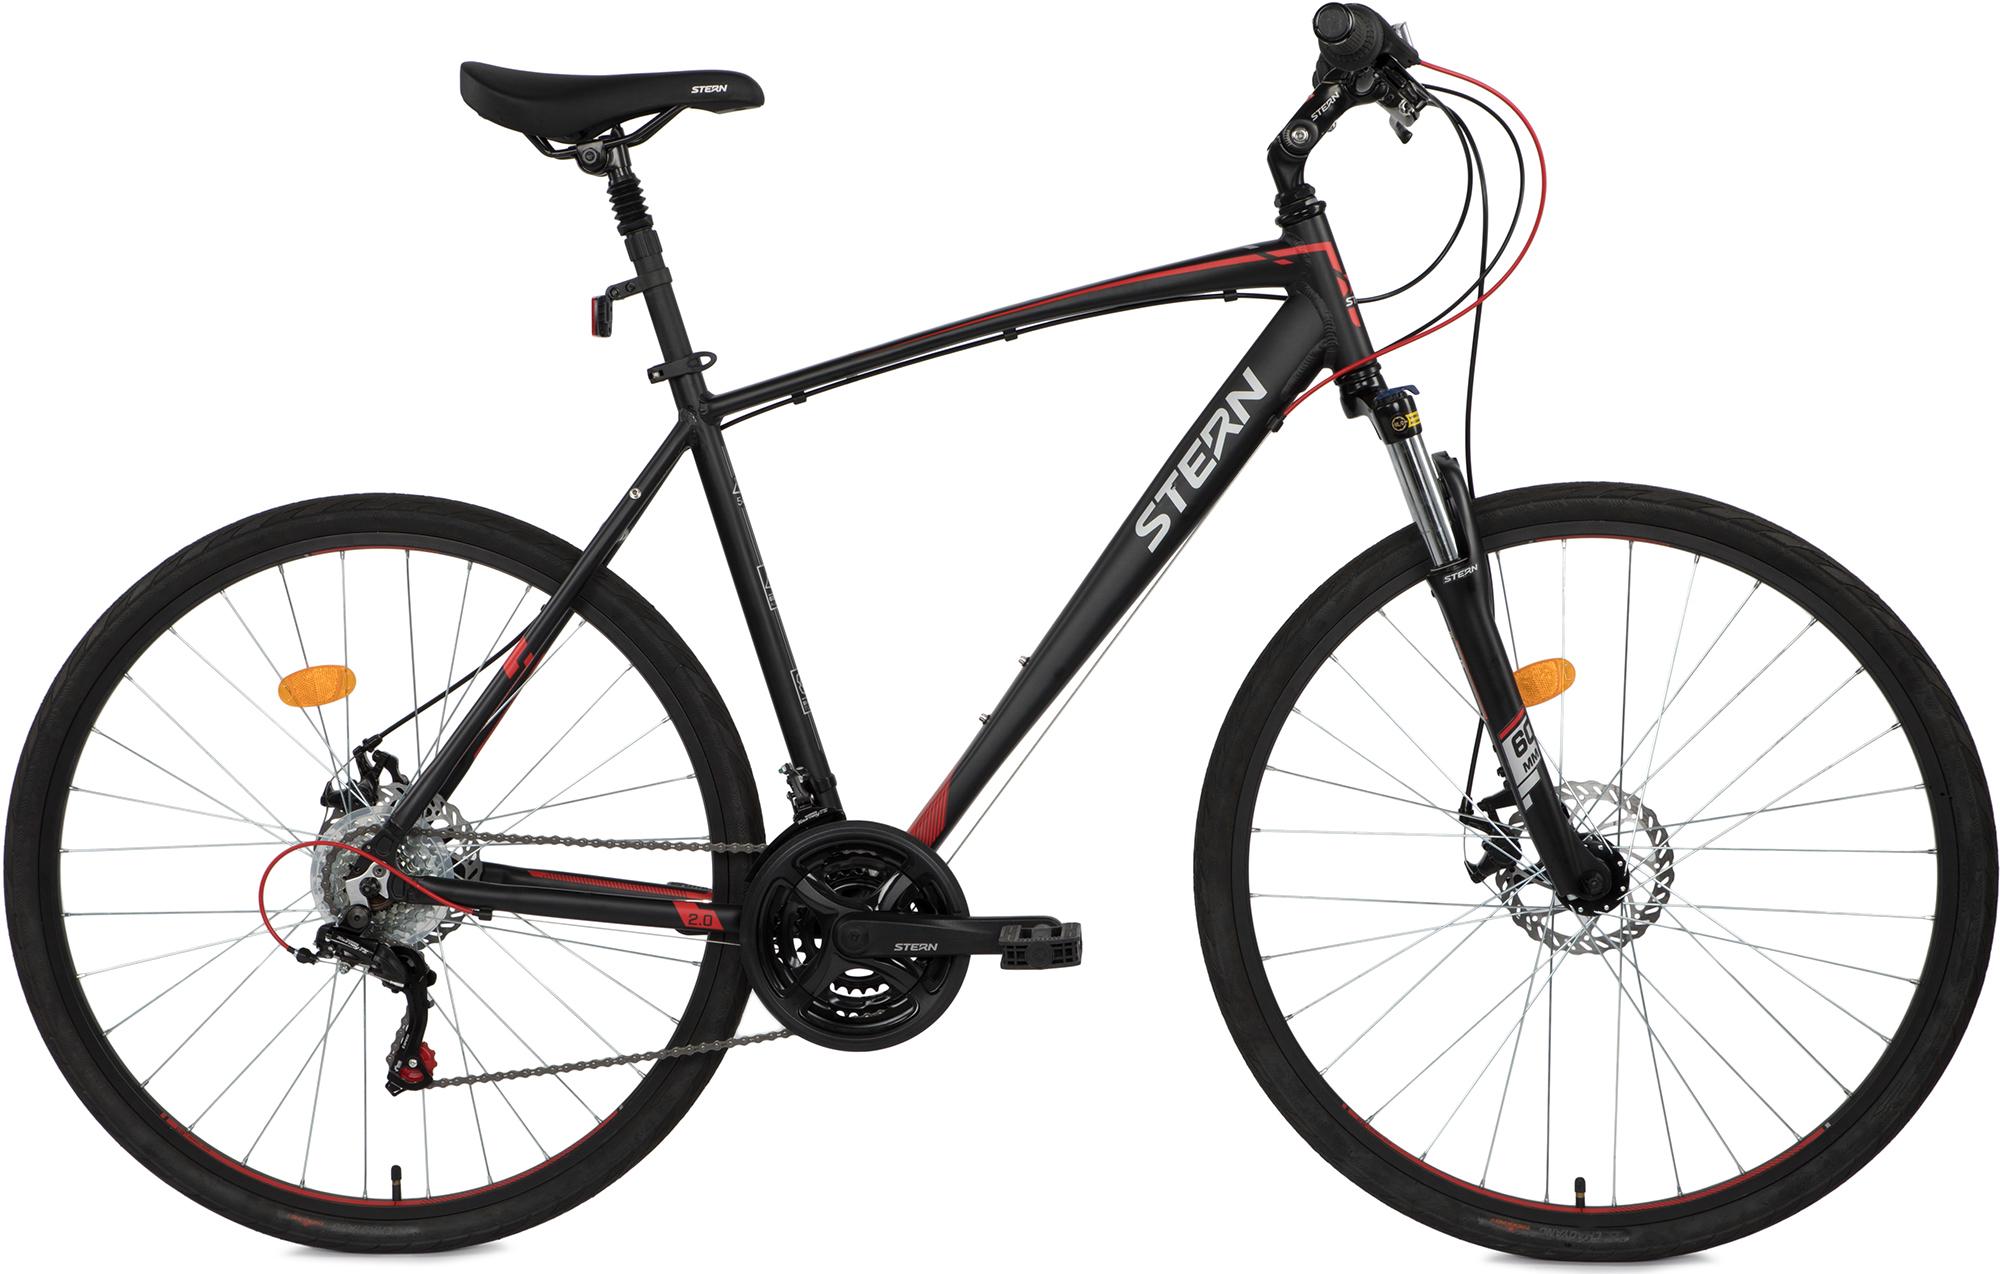 Stern Велосипед городской Stern Urban 2.0 28 велосипед ghost square urban 2 2016